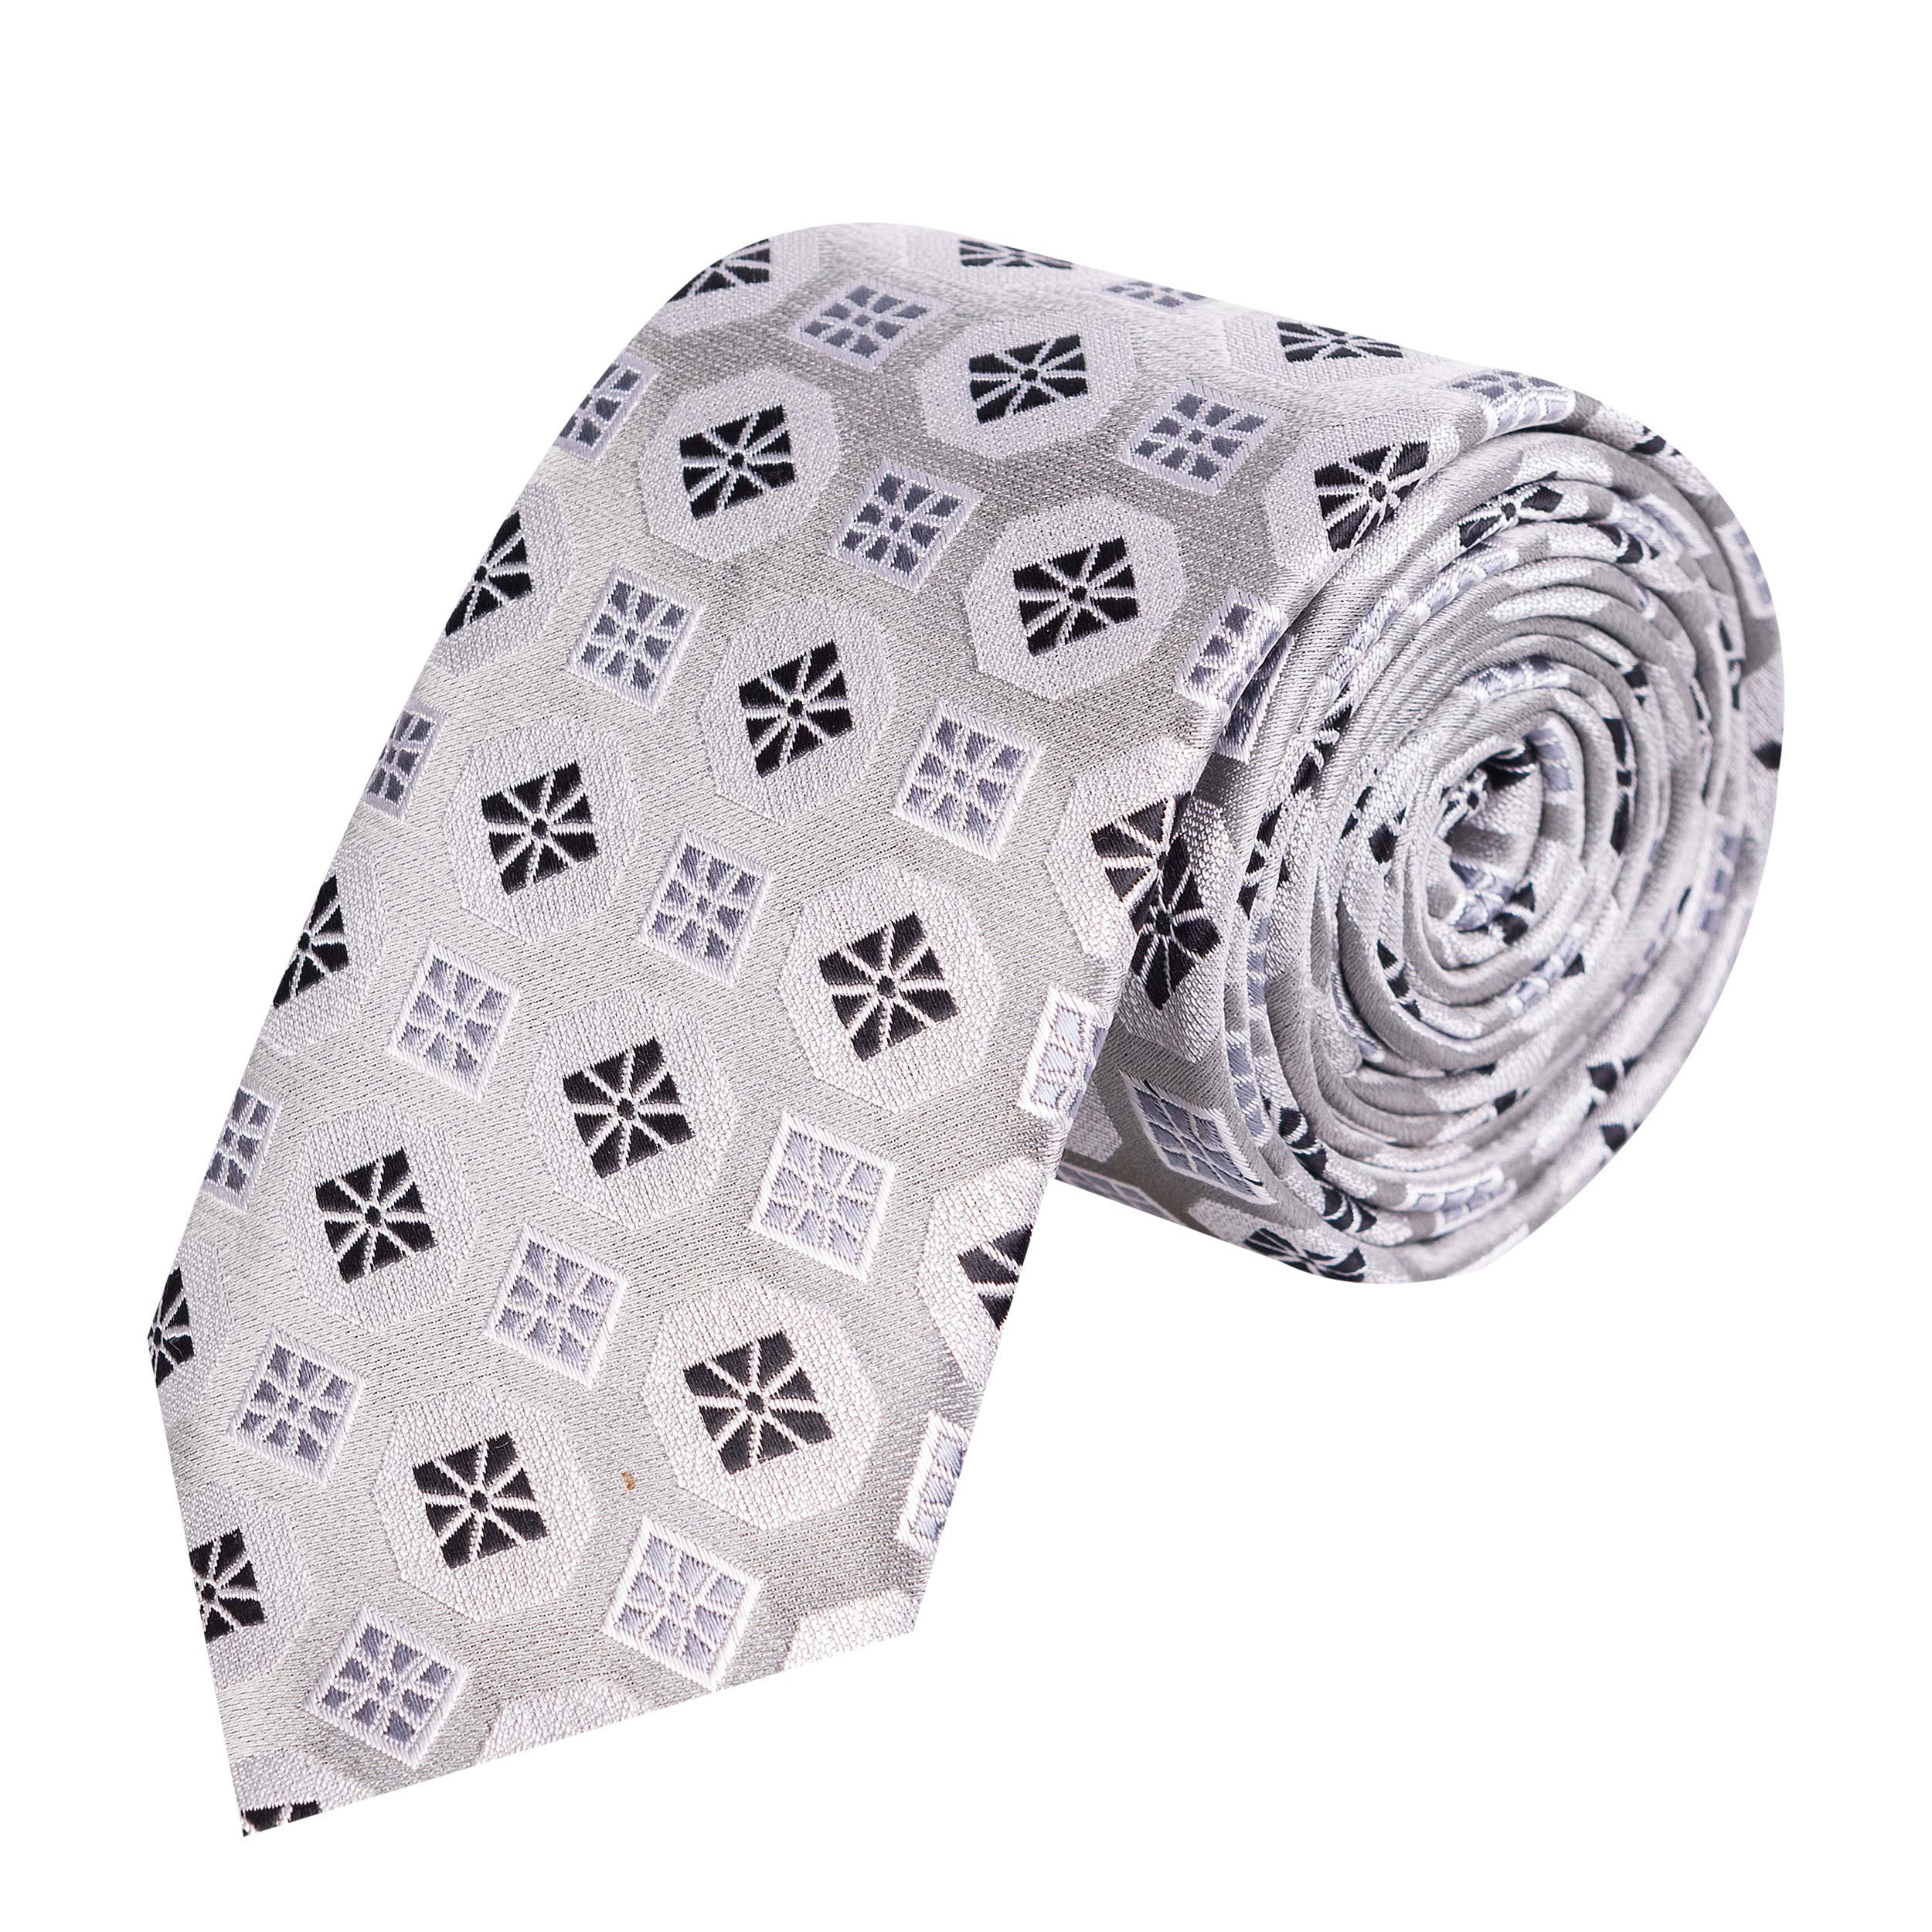 کراوات مردانه جیان فرانکو روسی مدل GF-PO535-GR